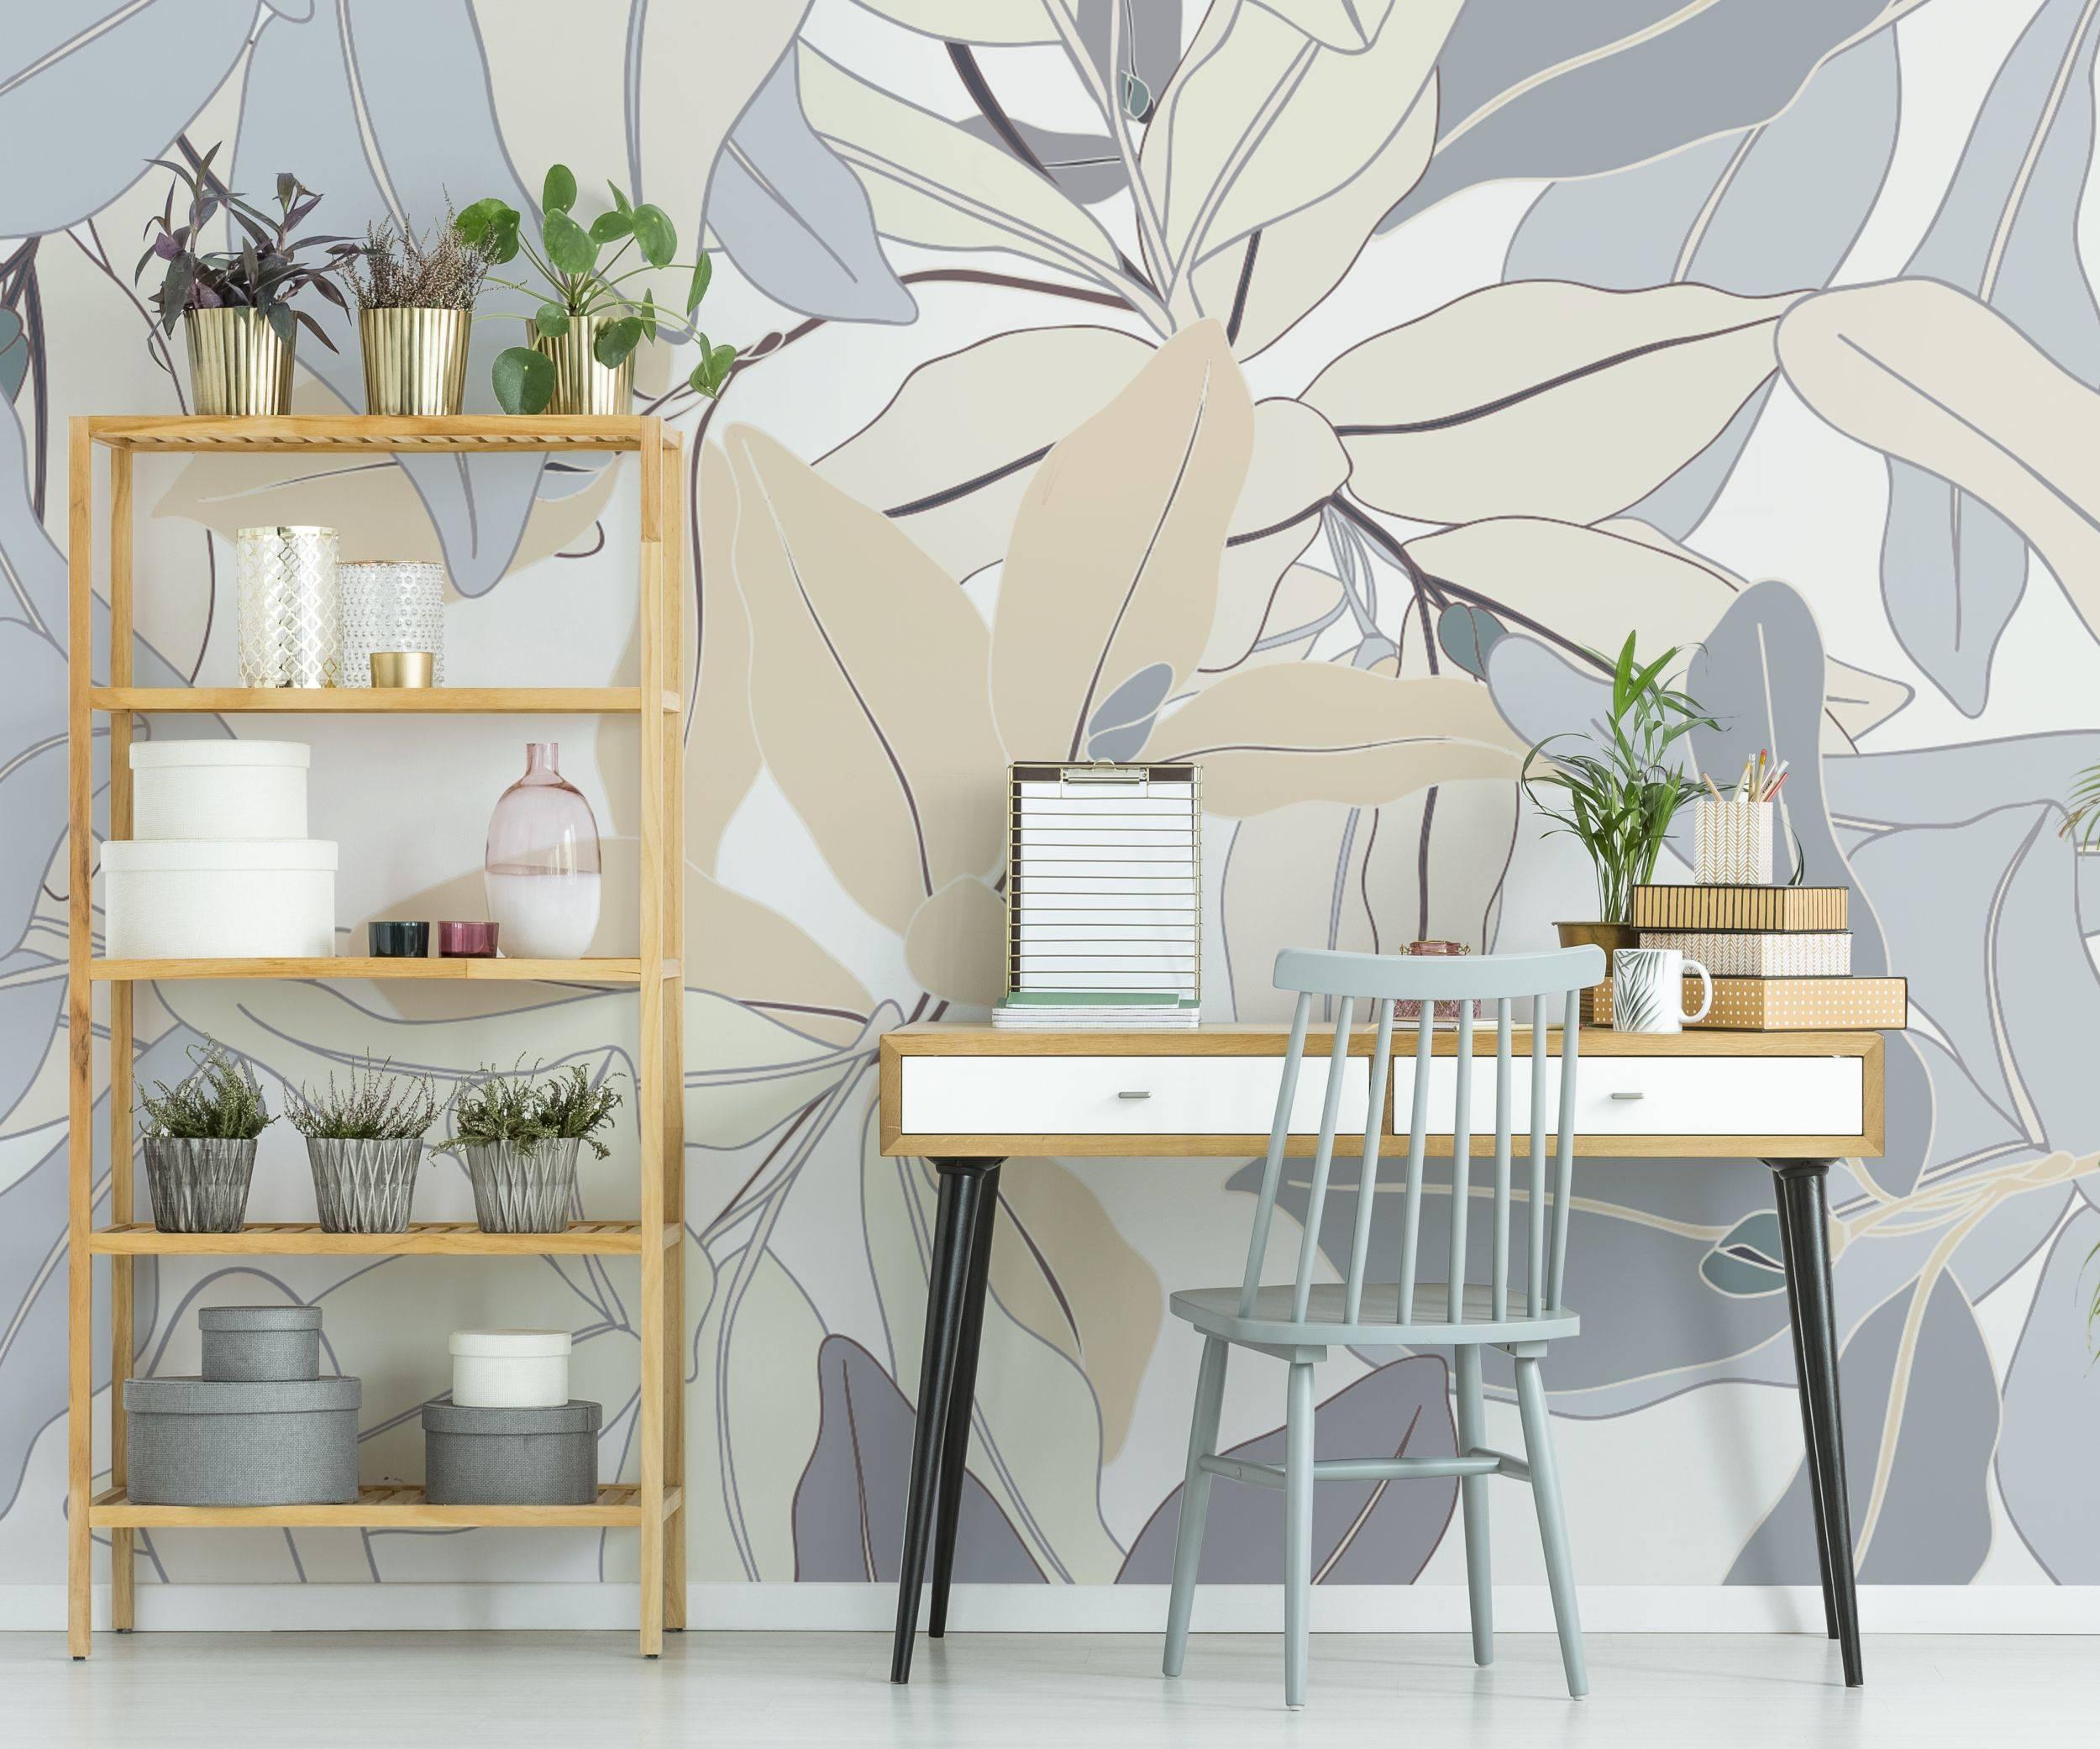 Bureau de lusine u2022 contemporain pour bureau papiers peints